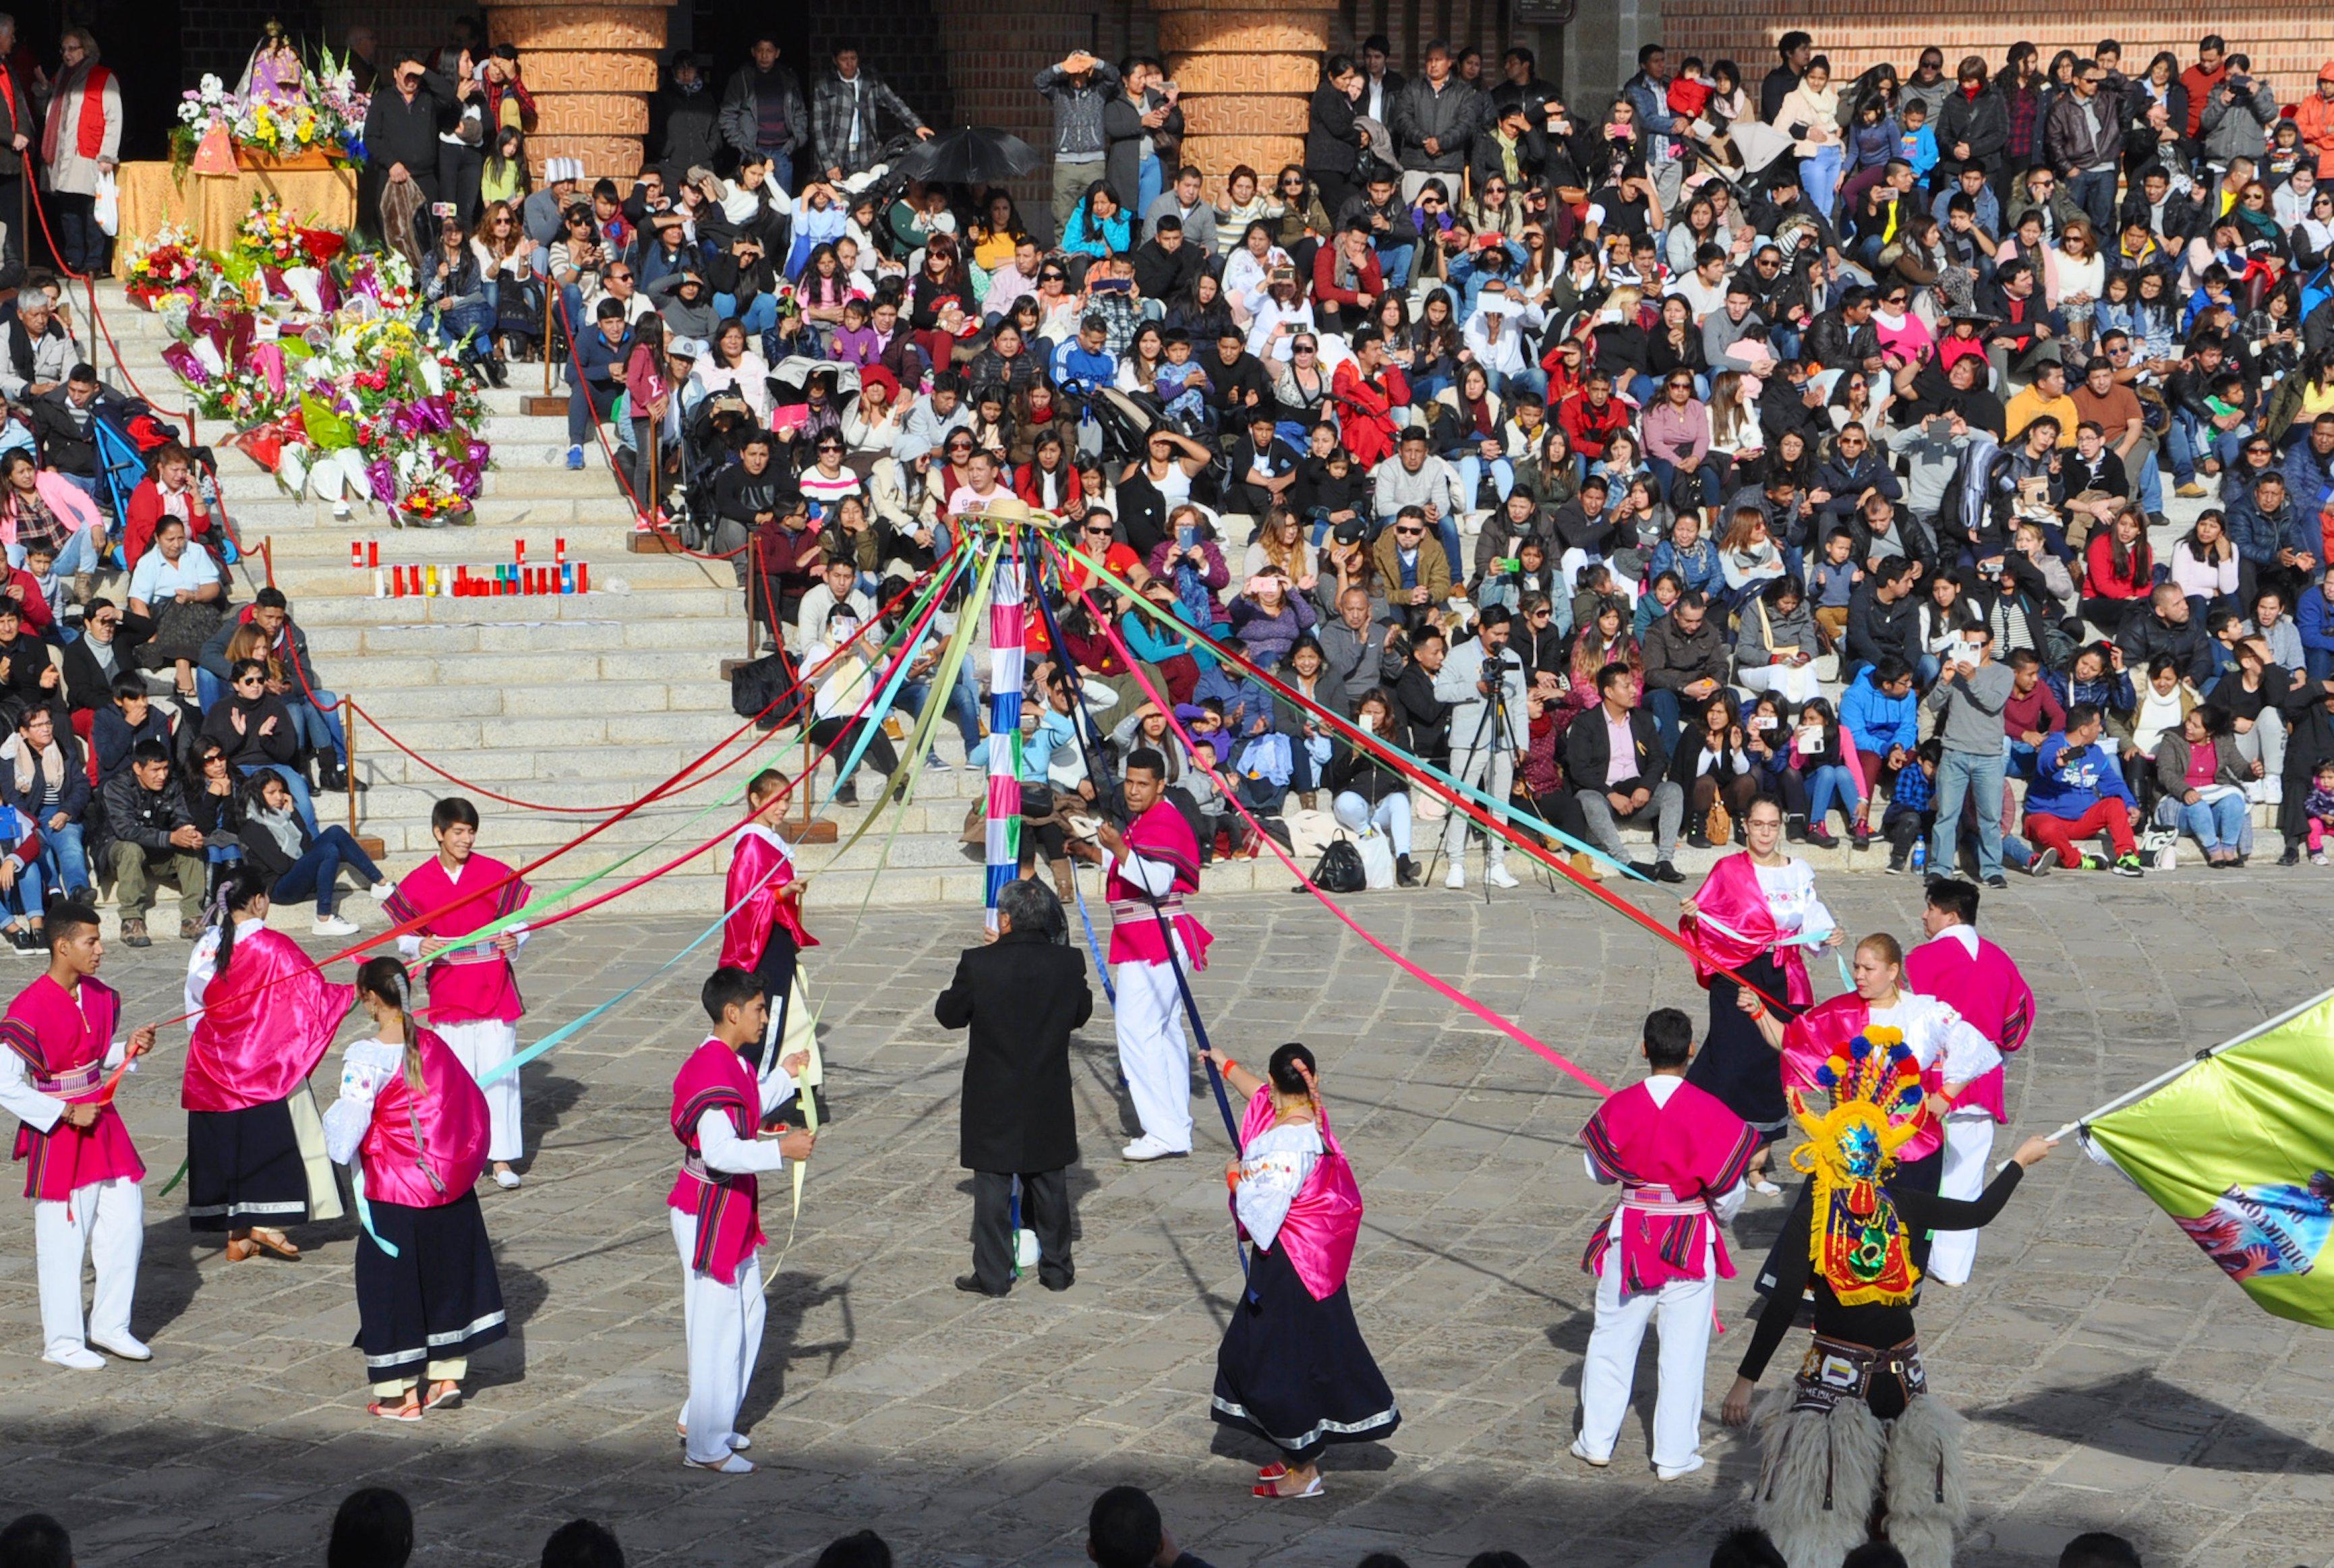 Las danzas folclóricas en Torreciudad (Fto. Santuario)